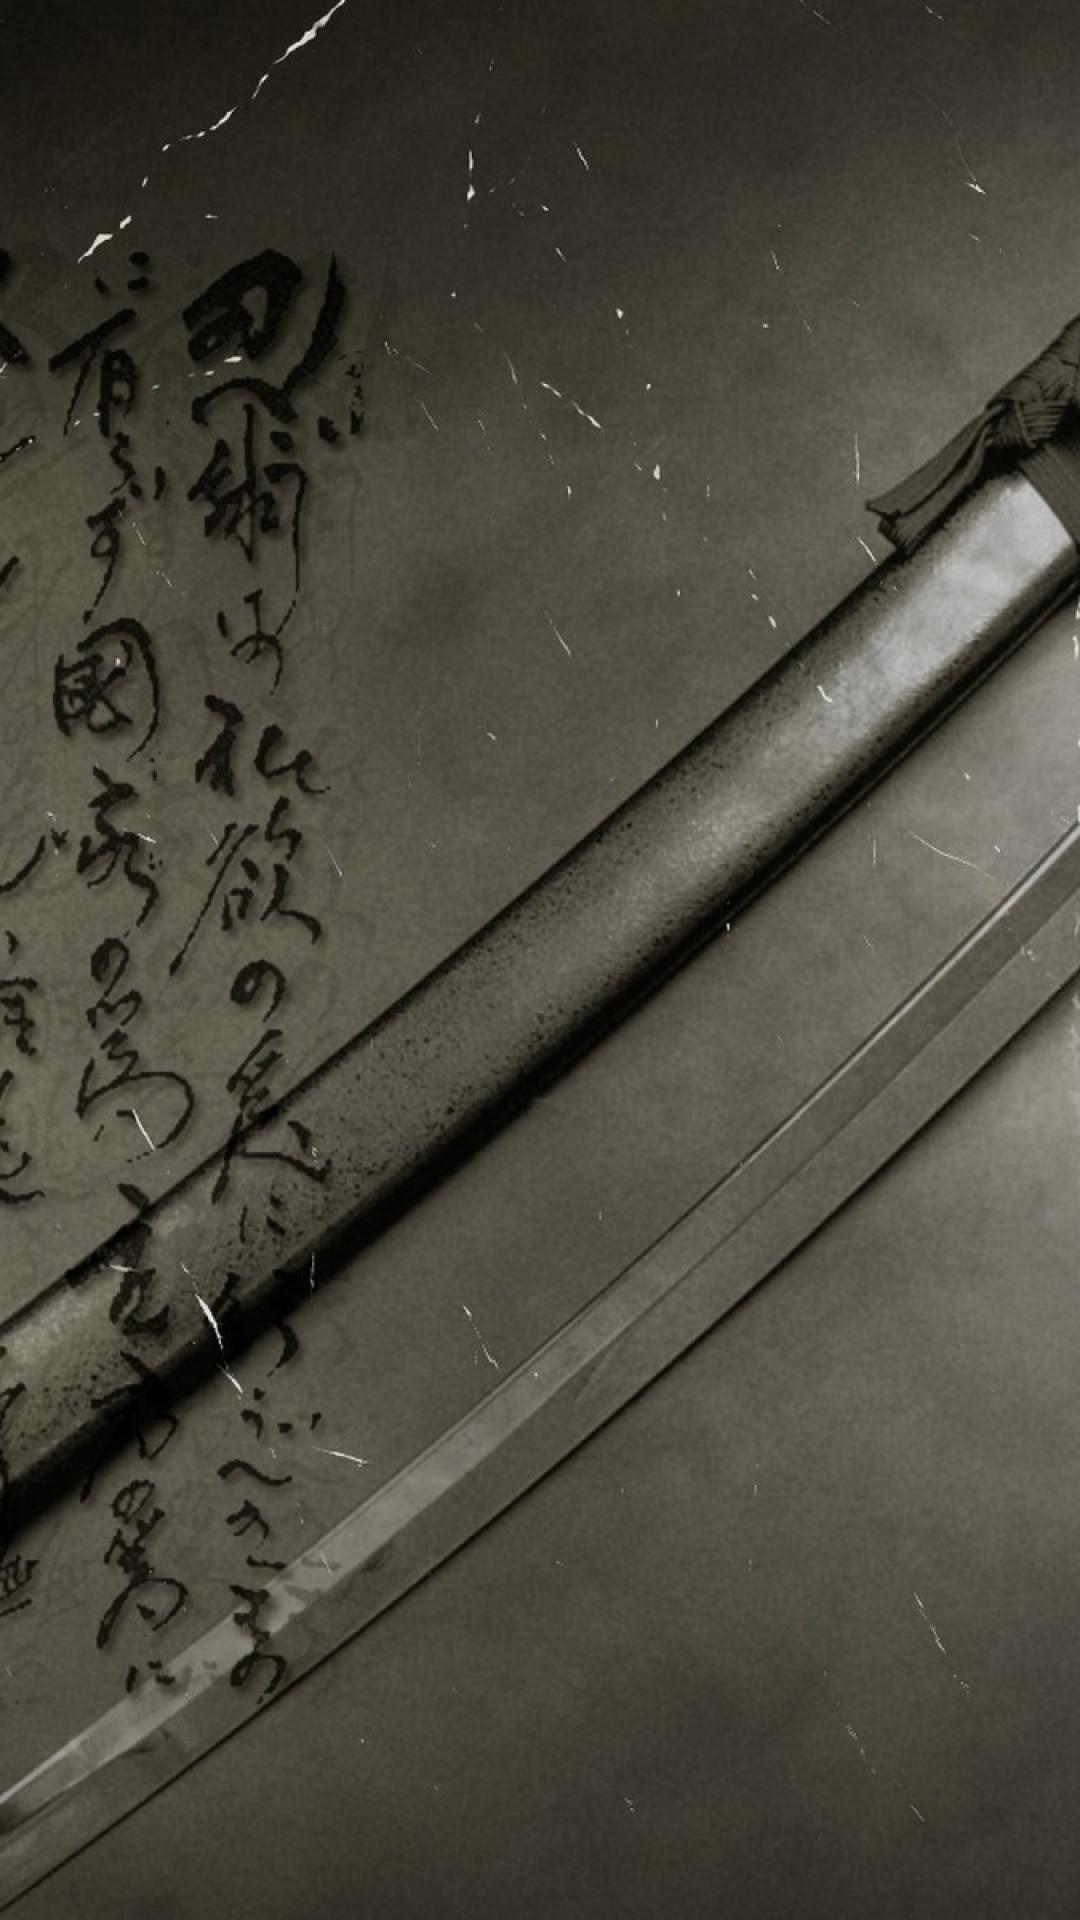 samurai sword wallpaper wallpapersafari